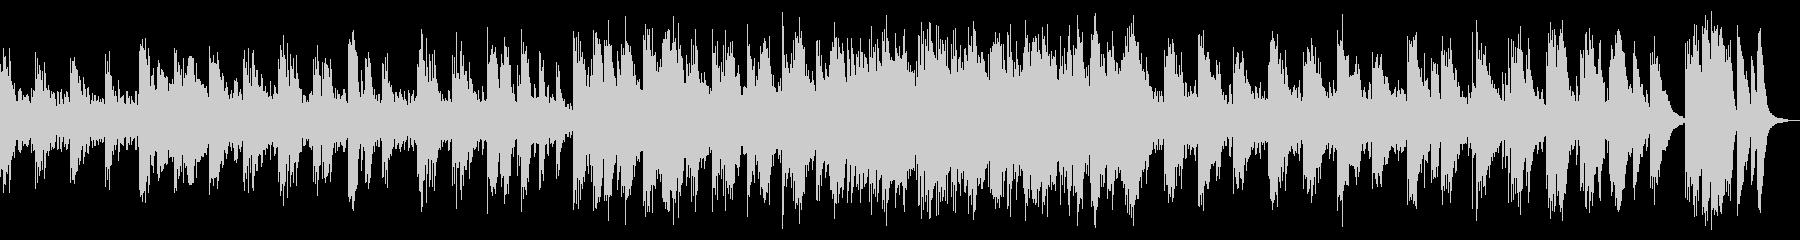 和楽器中心の、スローテンポな曲の未再生の波形